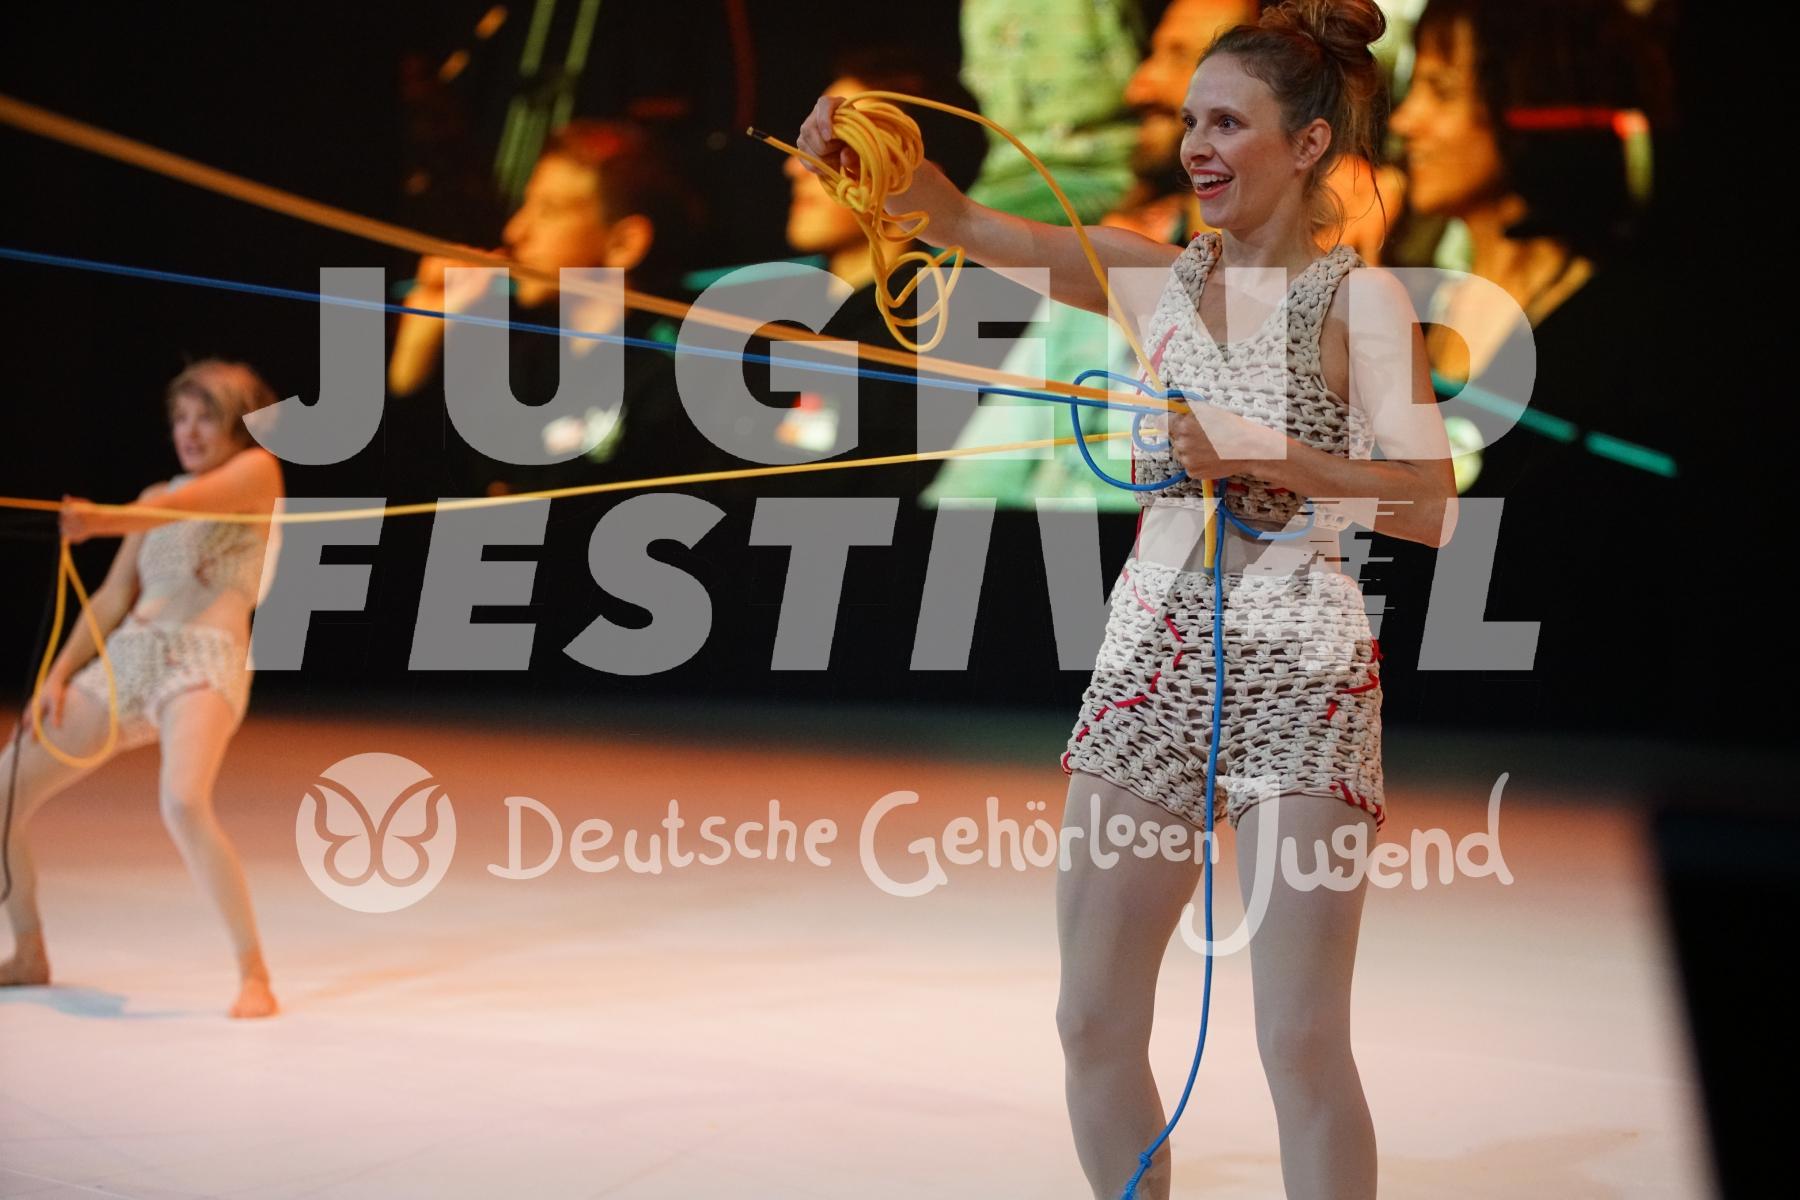 Jugendfestiv4l_FZ-1177